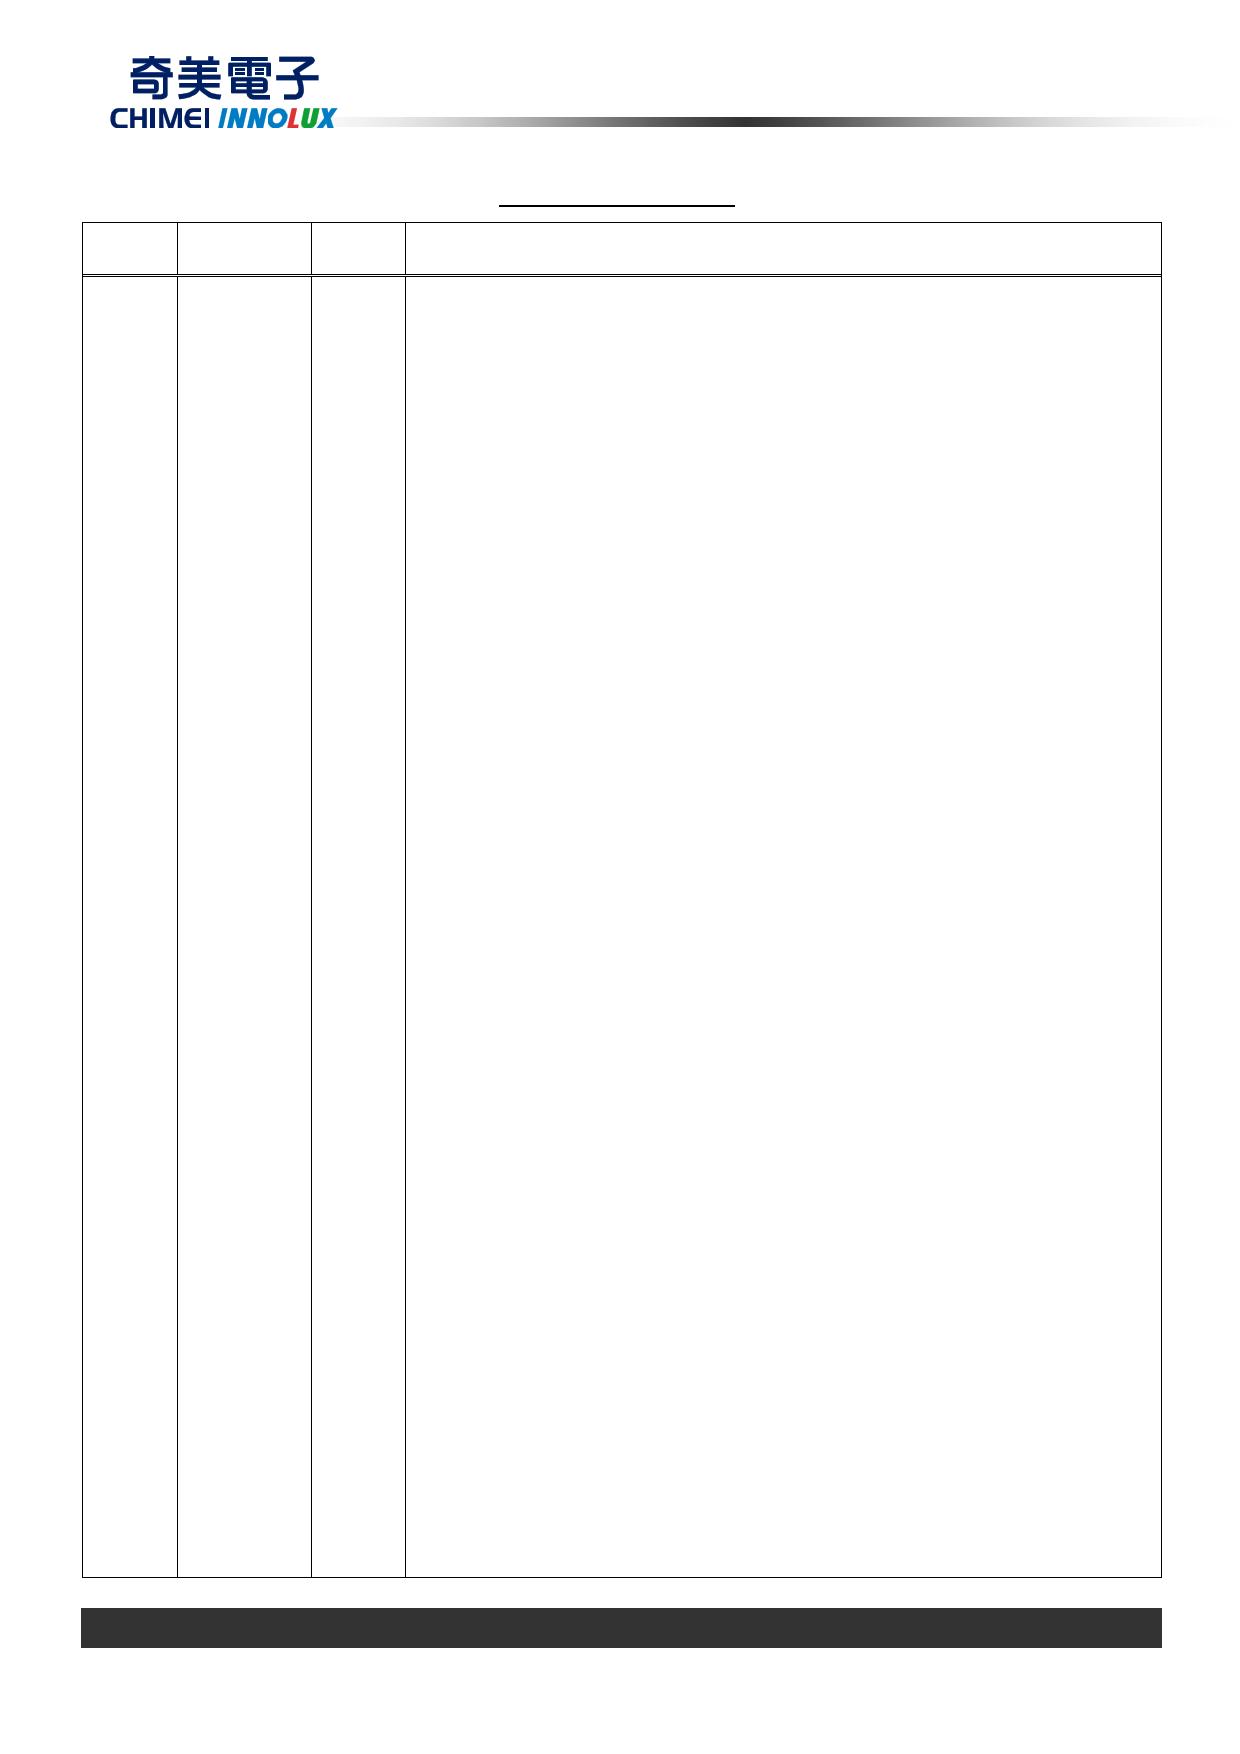 G104AGE-L02 pdf, 電子部品, 半導体, ピン配列